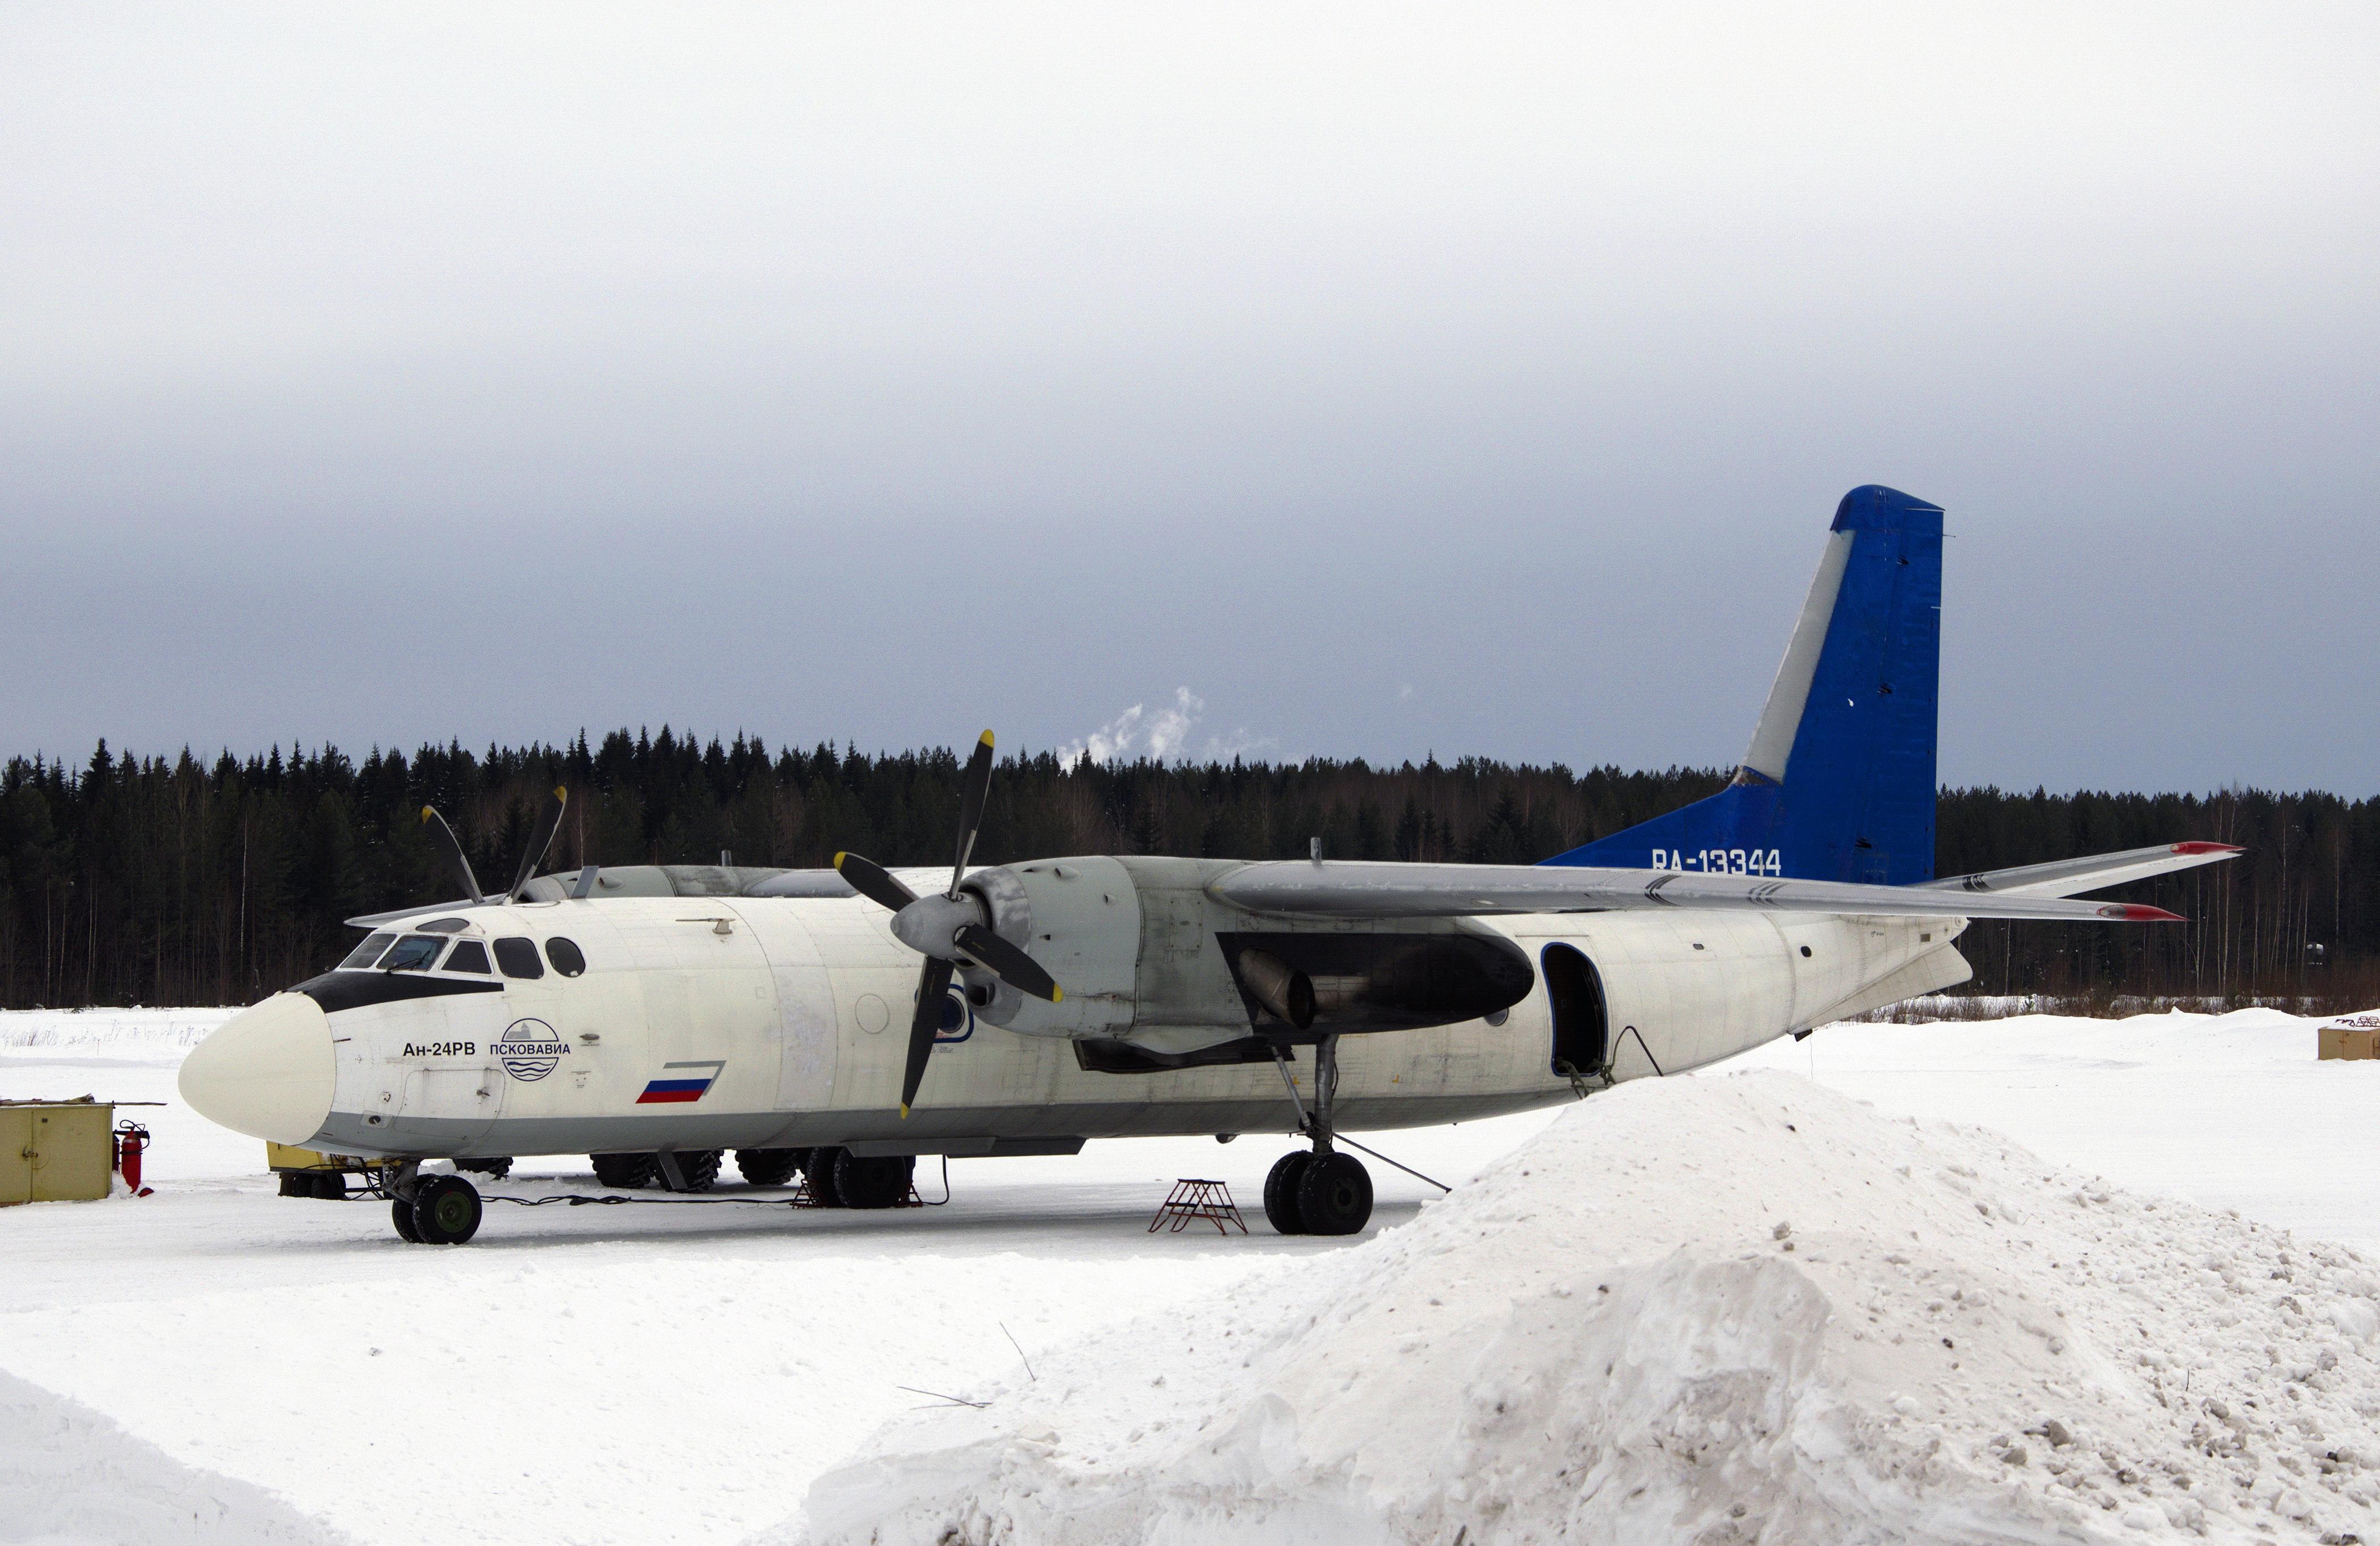 Antonov an-24 RA-13344 airport Kotlas